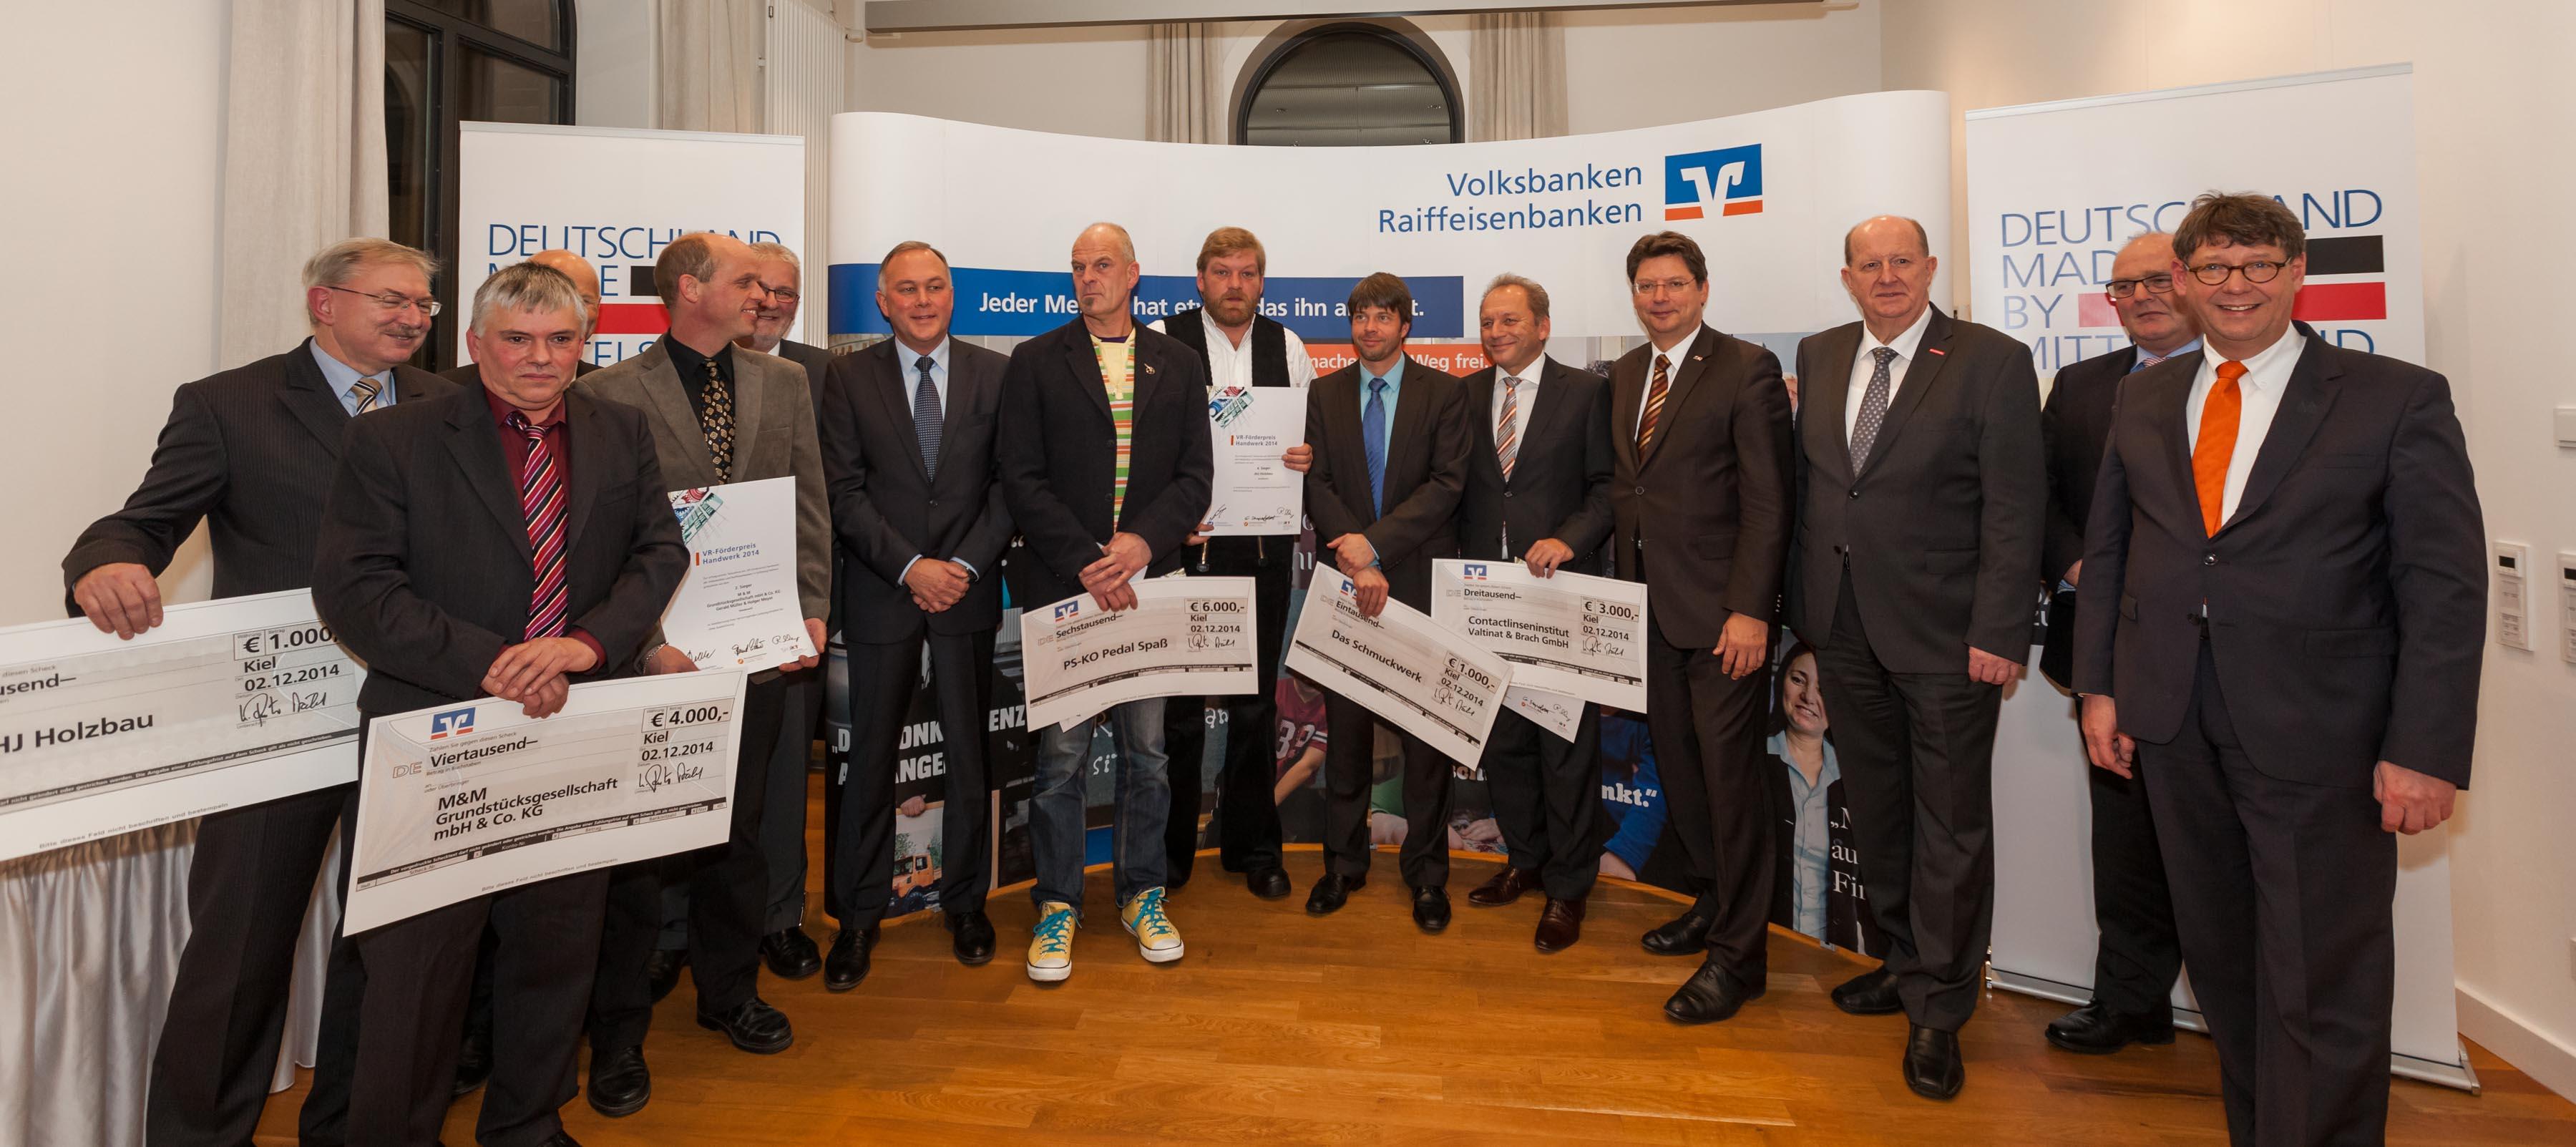 Handwerk mit tollen Ideen im Kopf – die Großharrieer Traditionszimmerei JHJ Holzbau gehörte zu den Gewinnern des VR-Bank-Förderpreises 2014 für das Handwerk